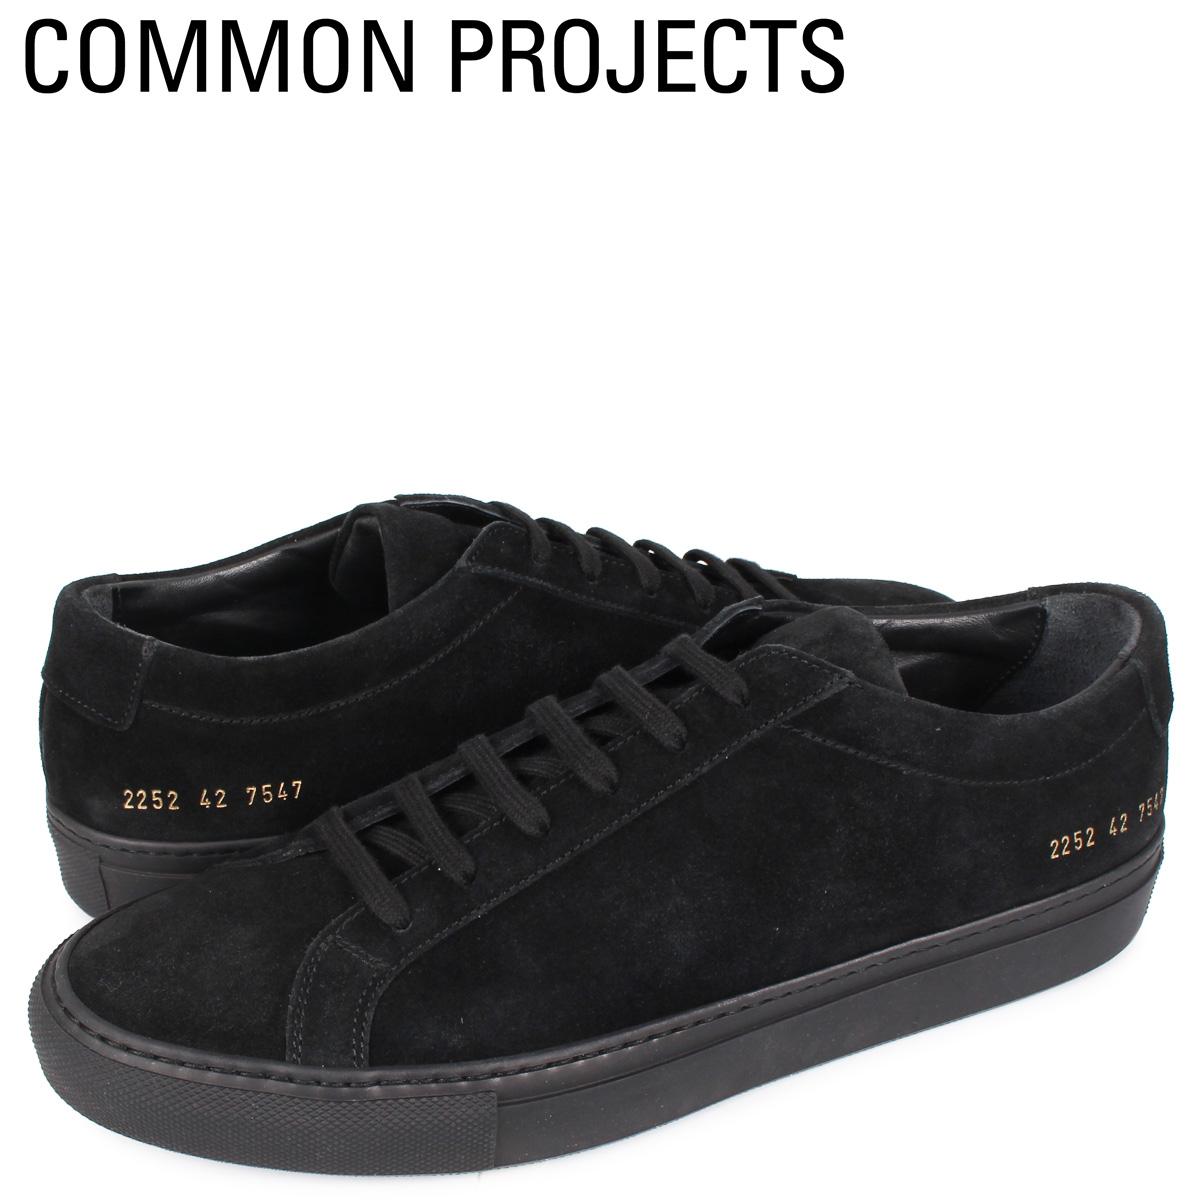 【お買い物マラソンSALE】 コモンプロジェクト Common Projects アキレス ロー スエード スニーカー メンズ ACHILLES LOW SUEDE ブラック 黒 2252-7547